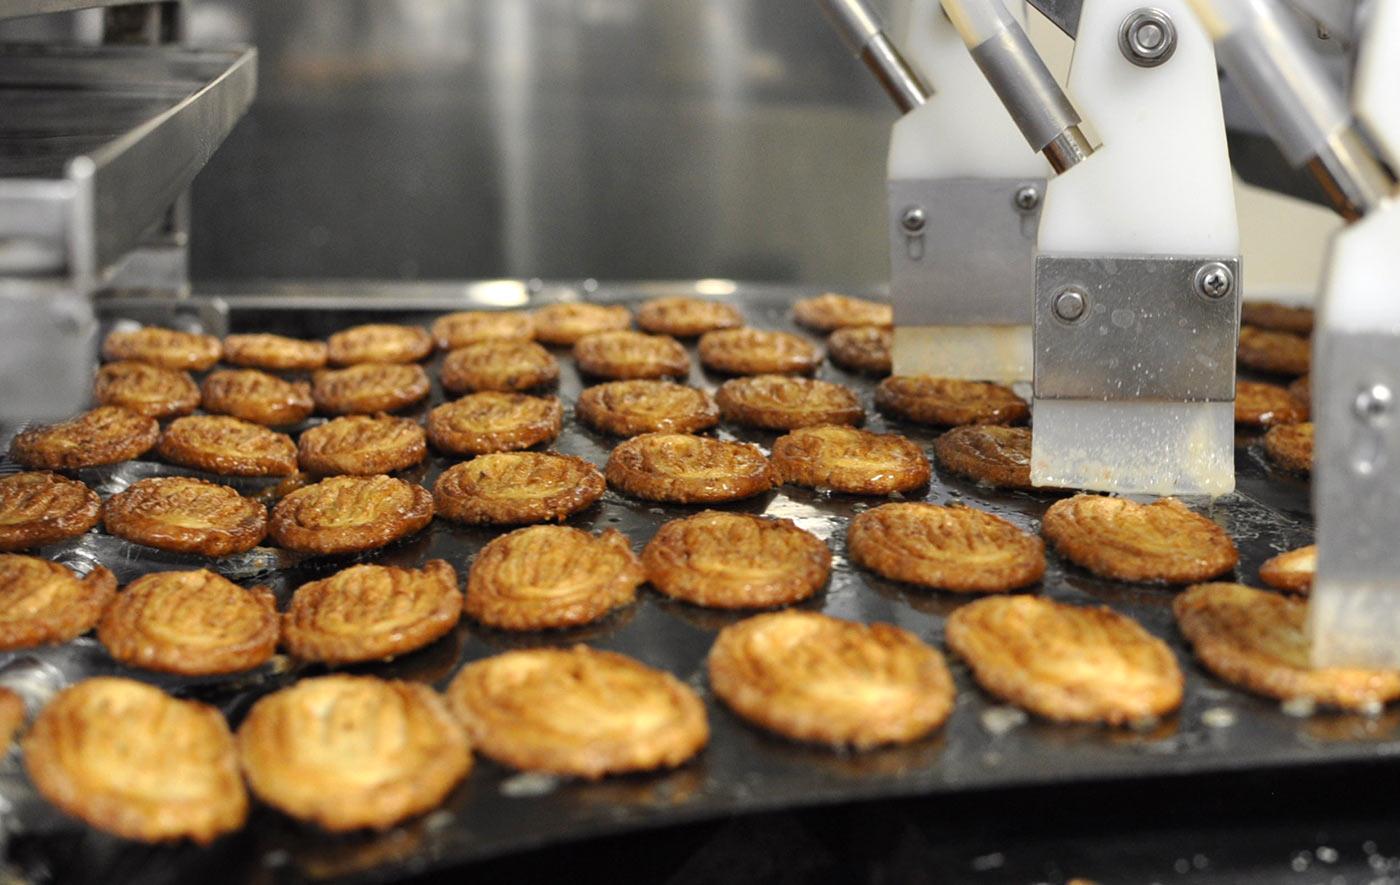 うなぎパイの製造風景